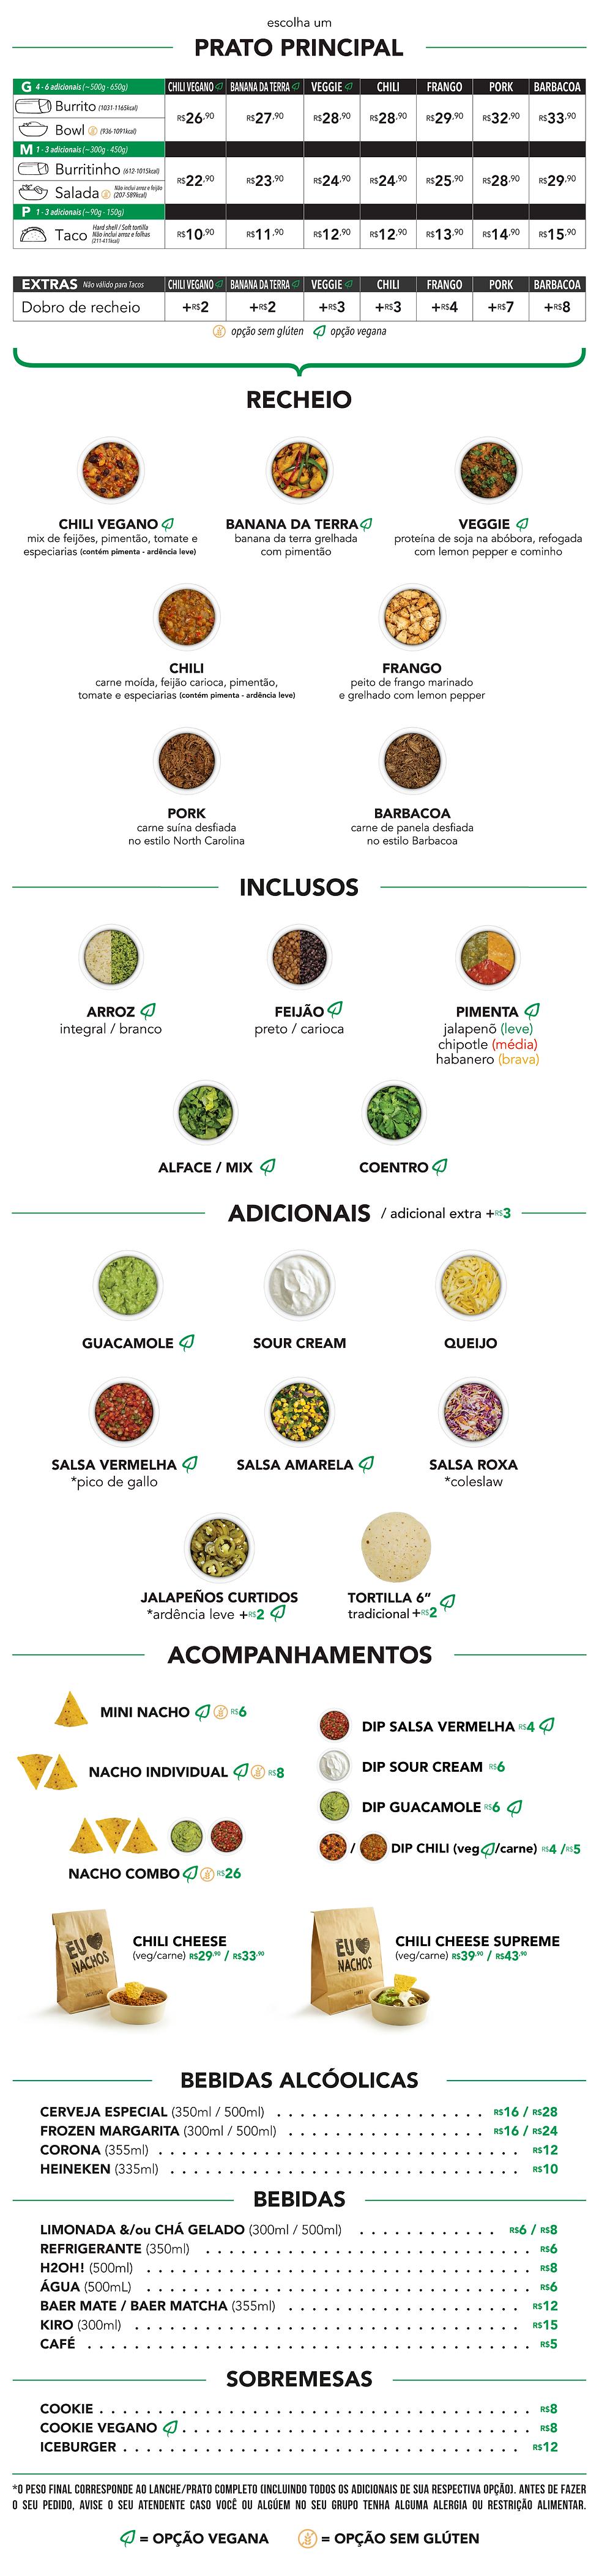 site-menu-2021-MUDANÇA-PREÇO-com-CHILI-m